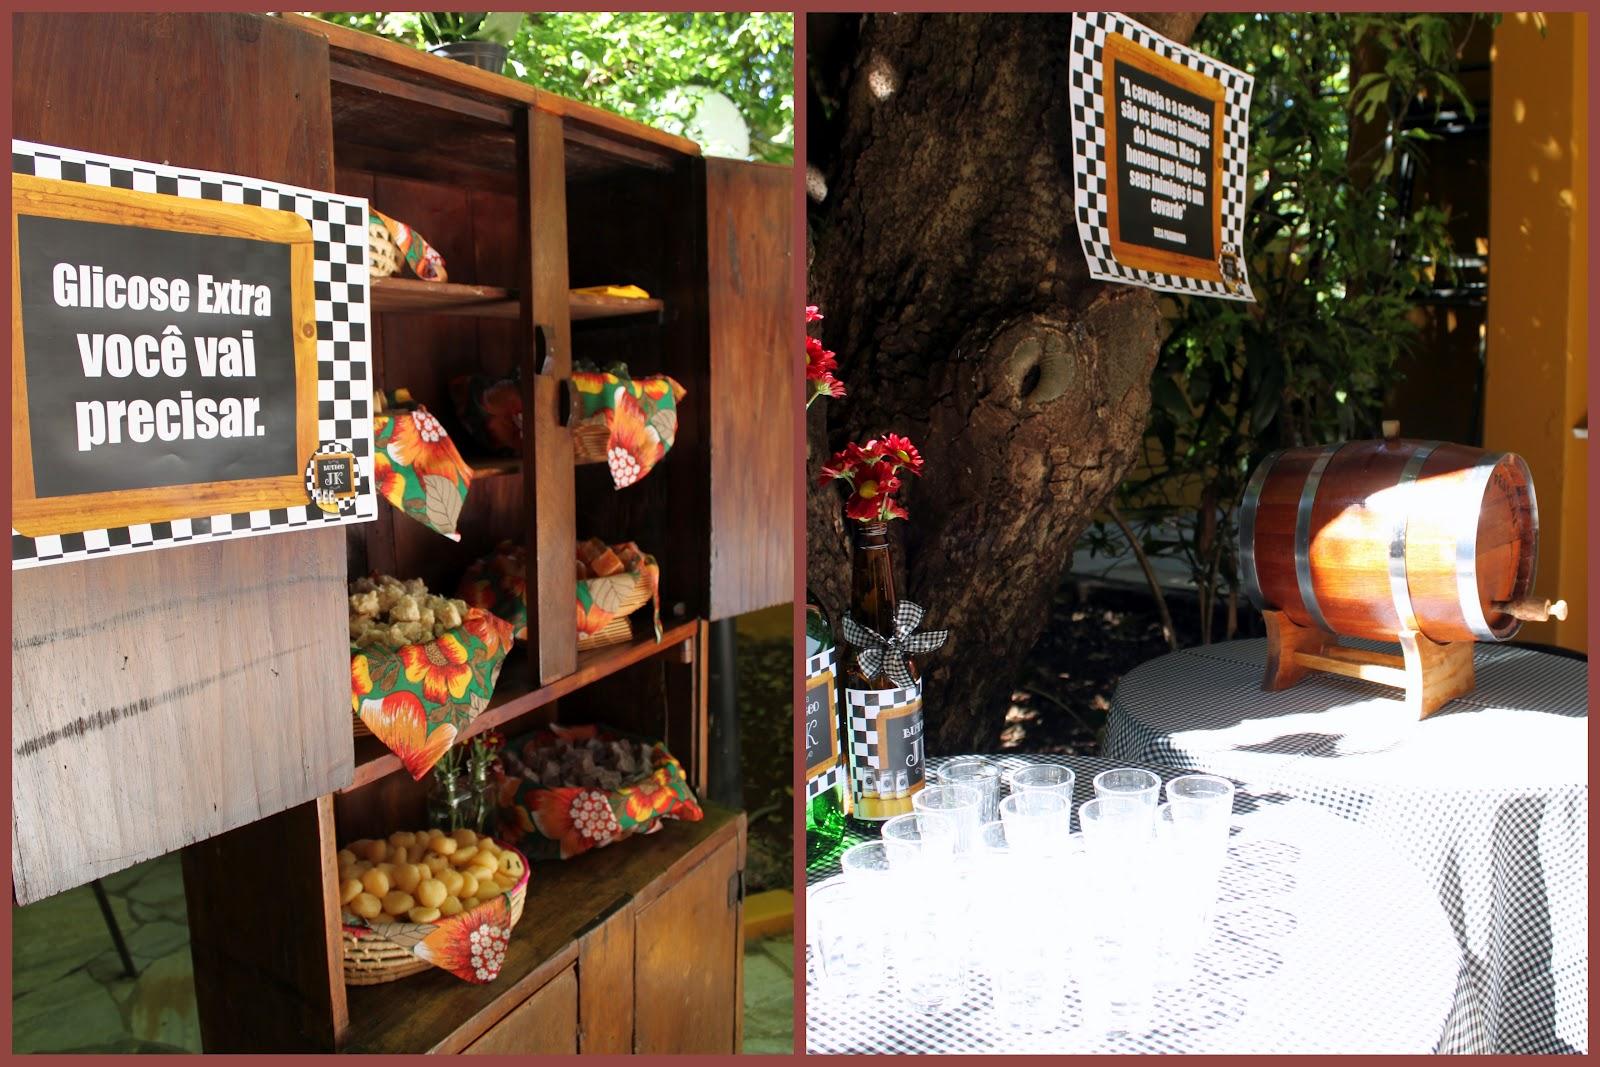 festa boteco decoracao rustica : festa boteco decoracao rustica: precisa saber para decorar sua festa de comida de boteco – Buteco JK